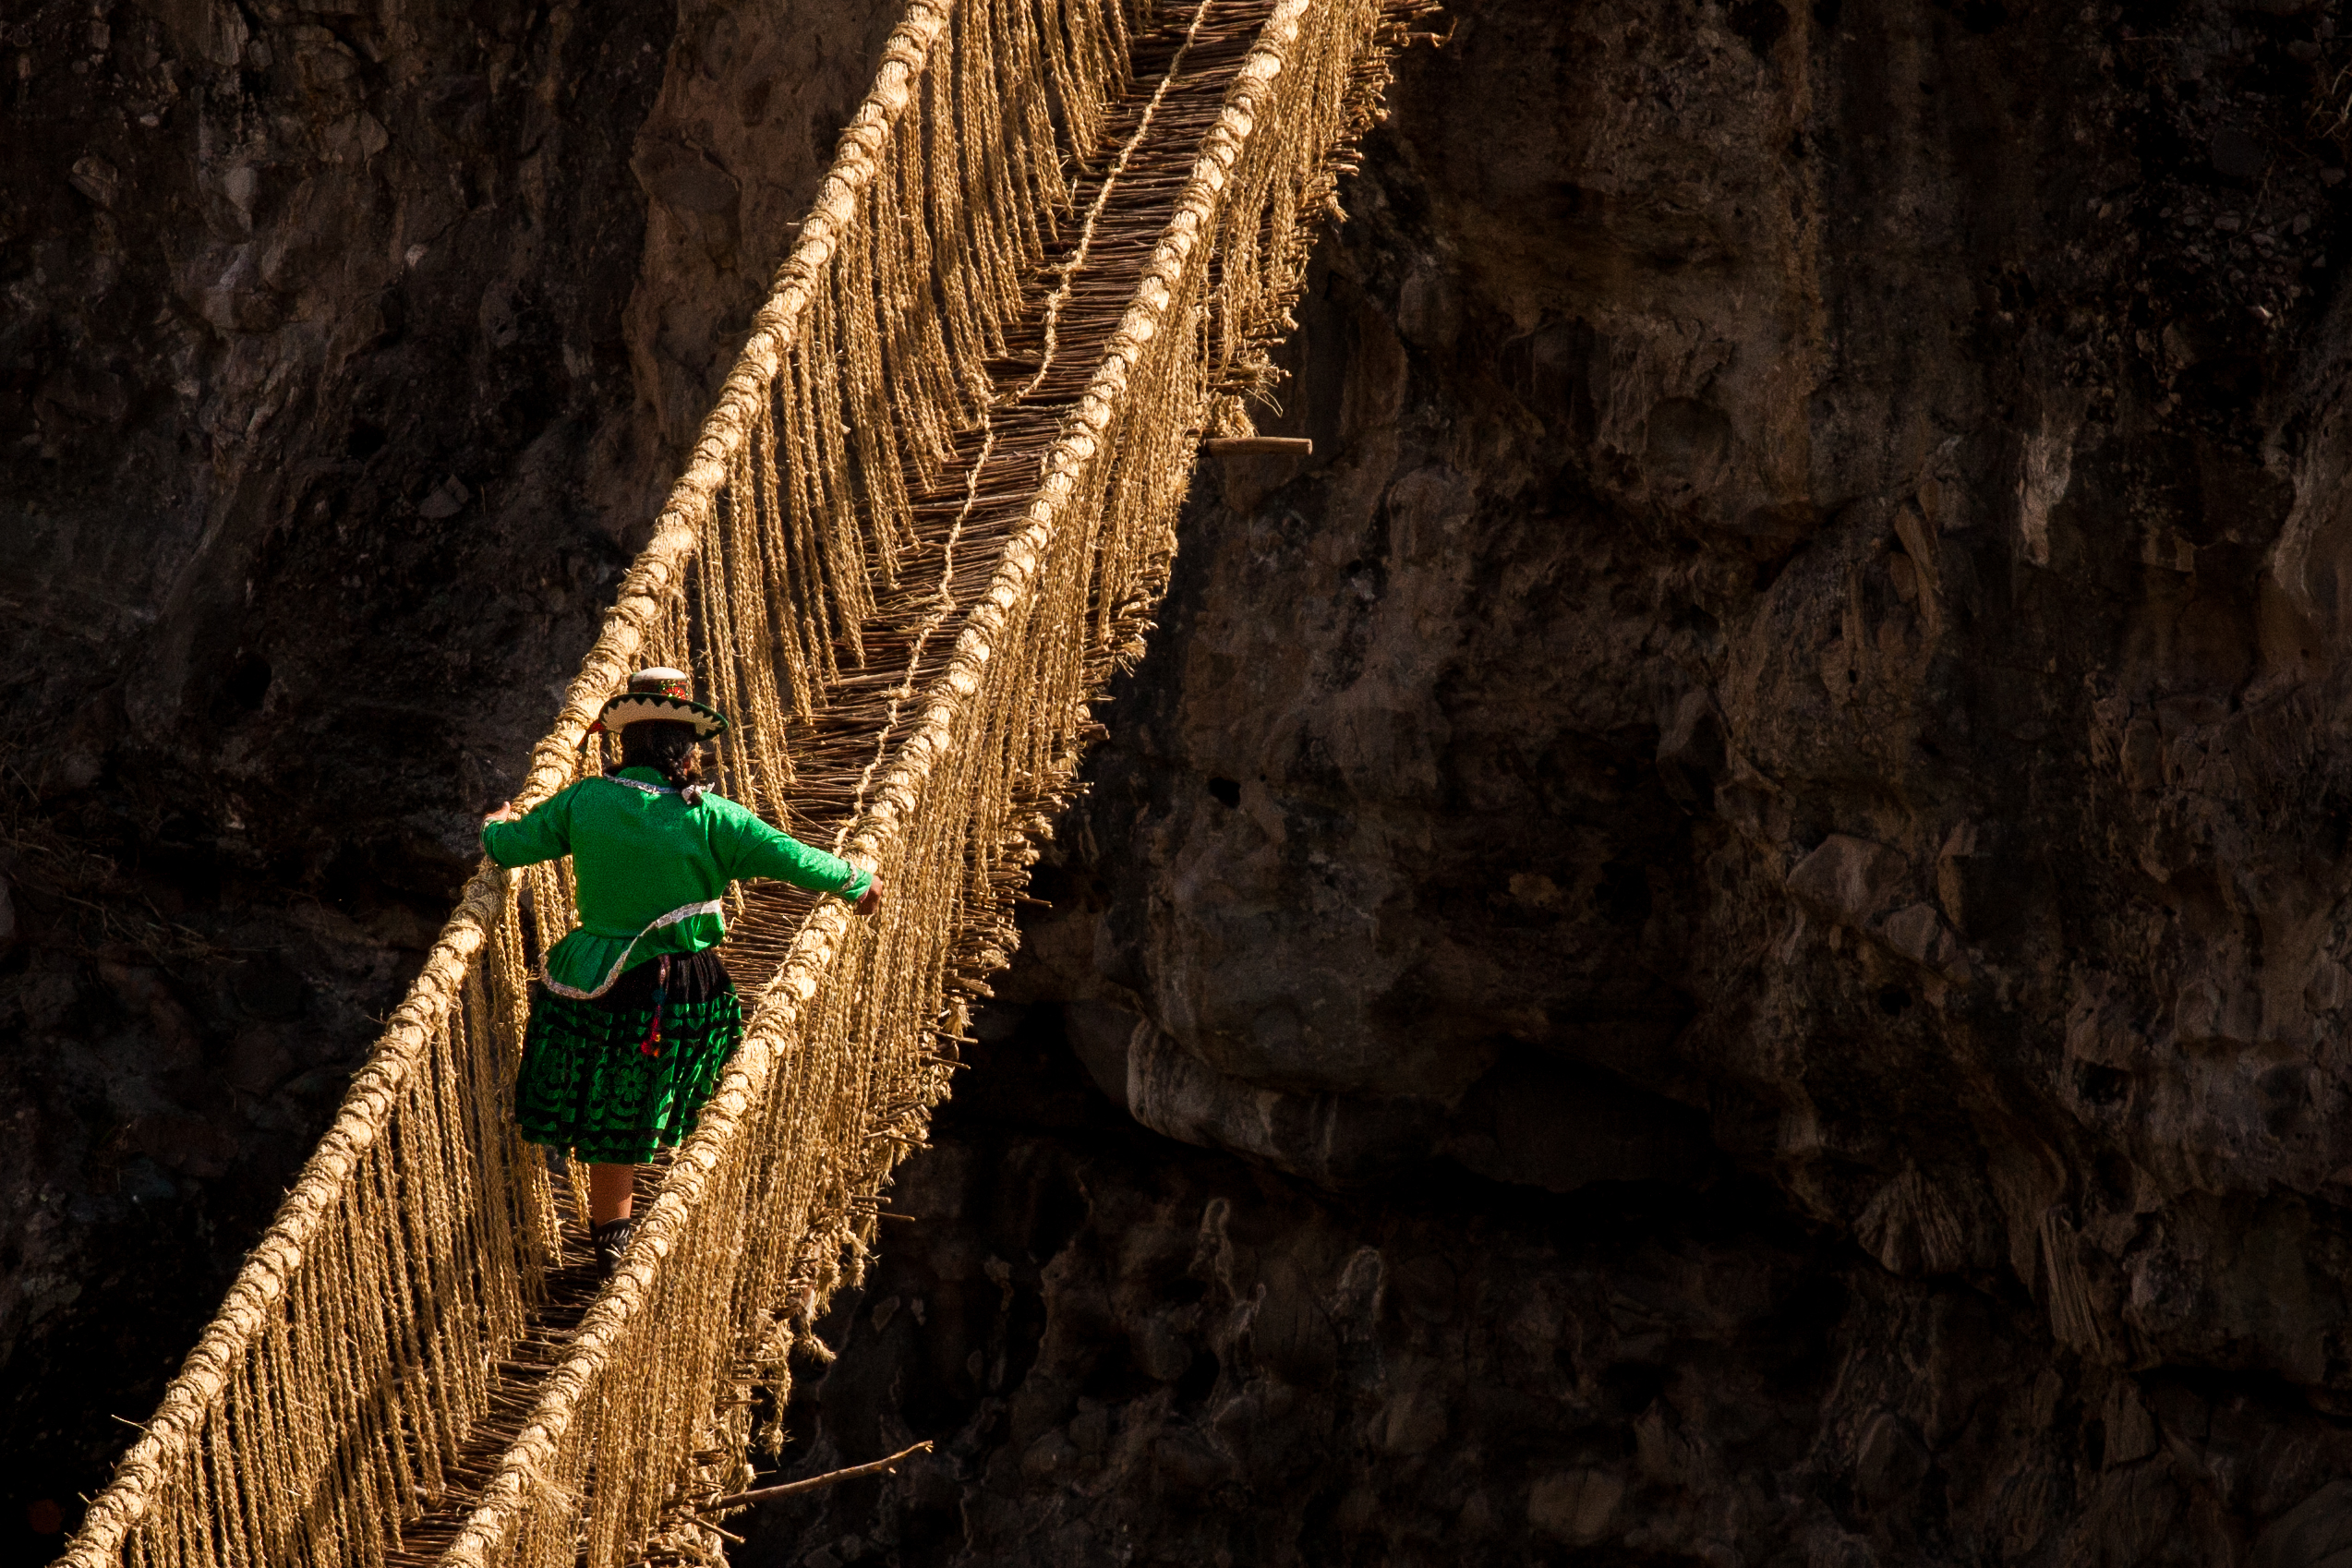 qeswachaka-rope-bridge